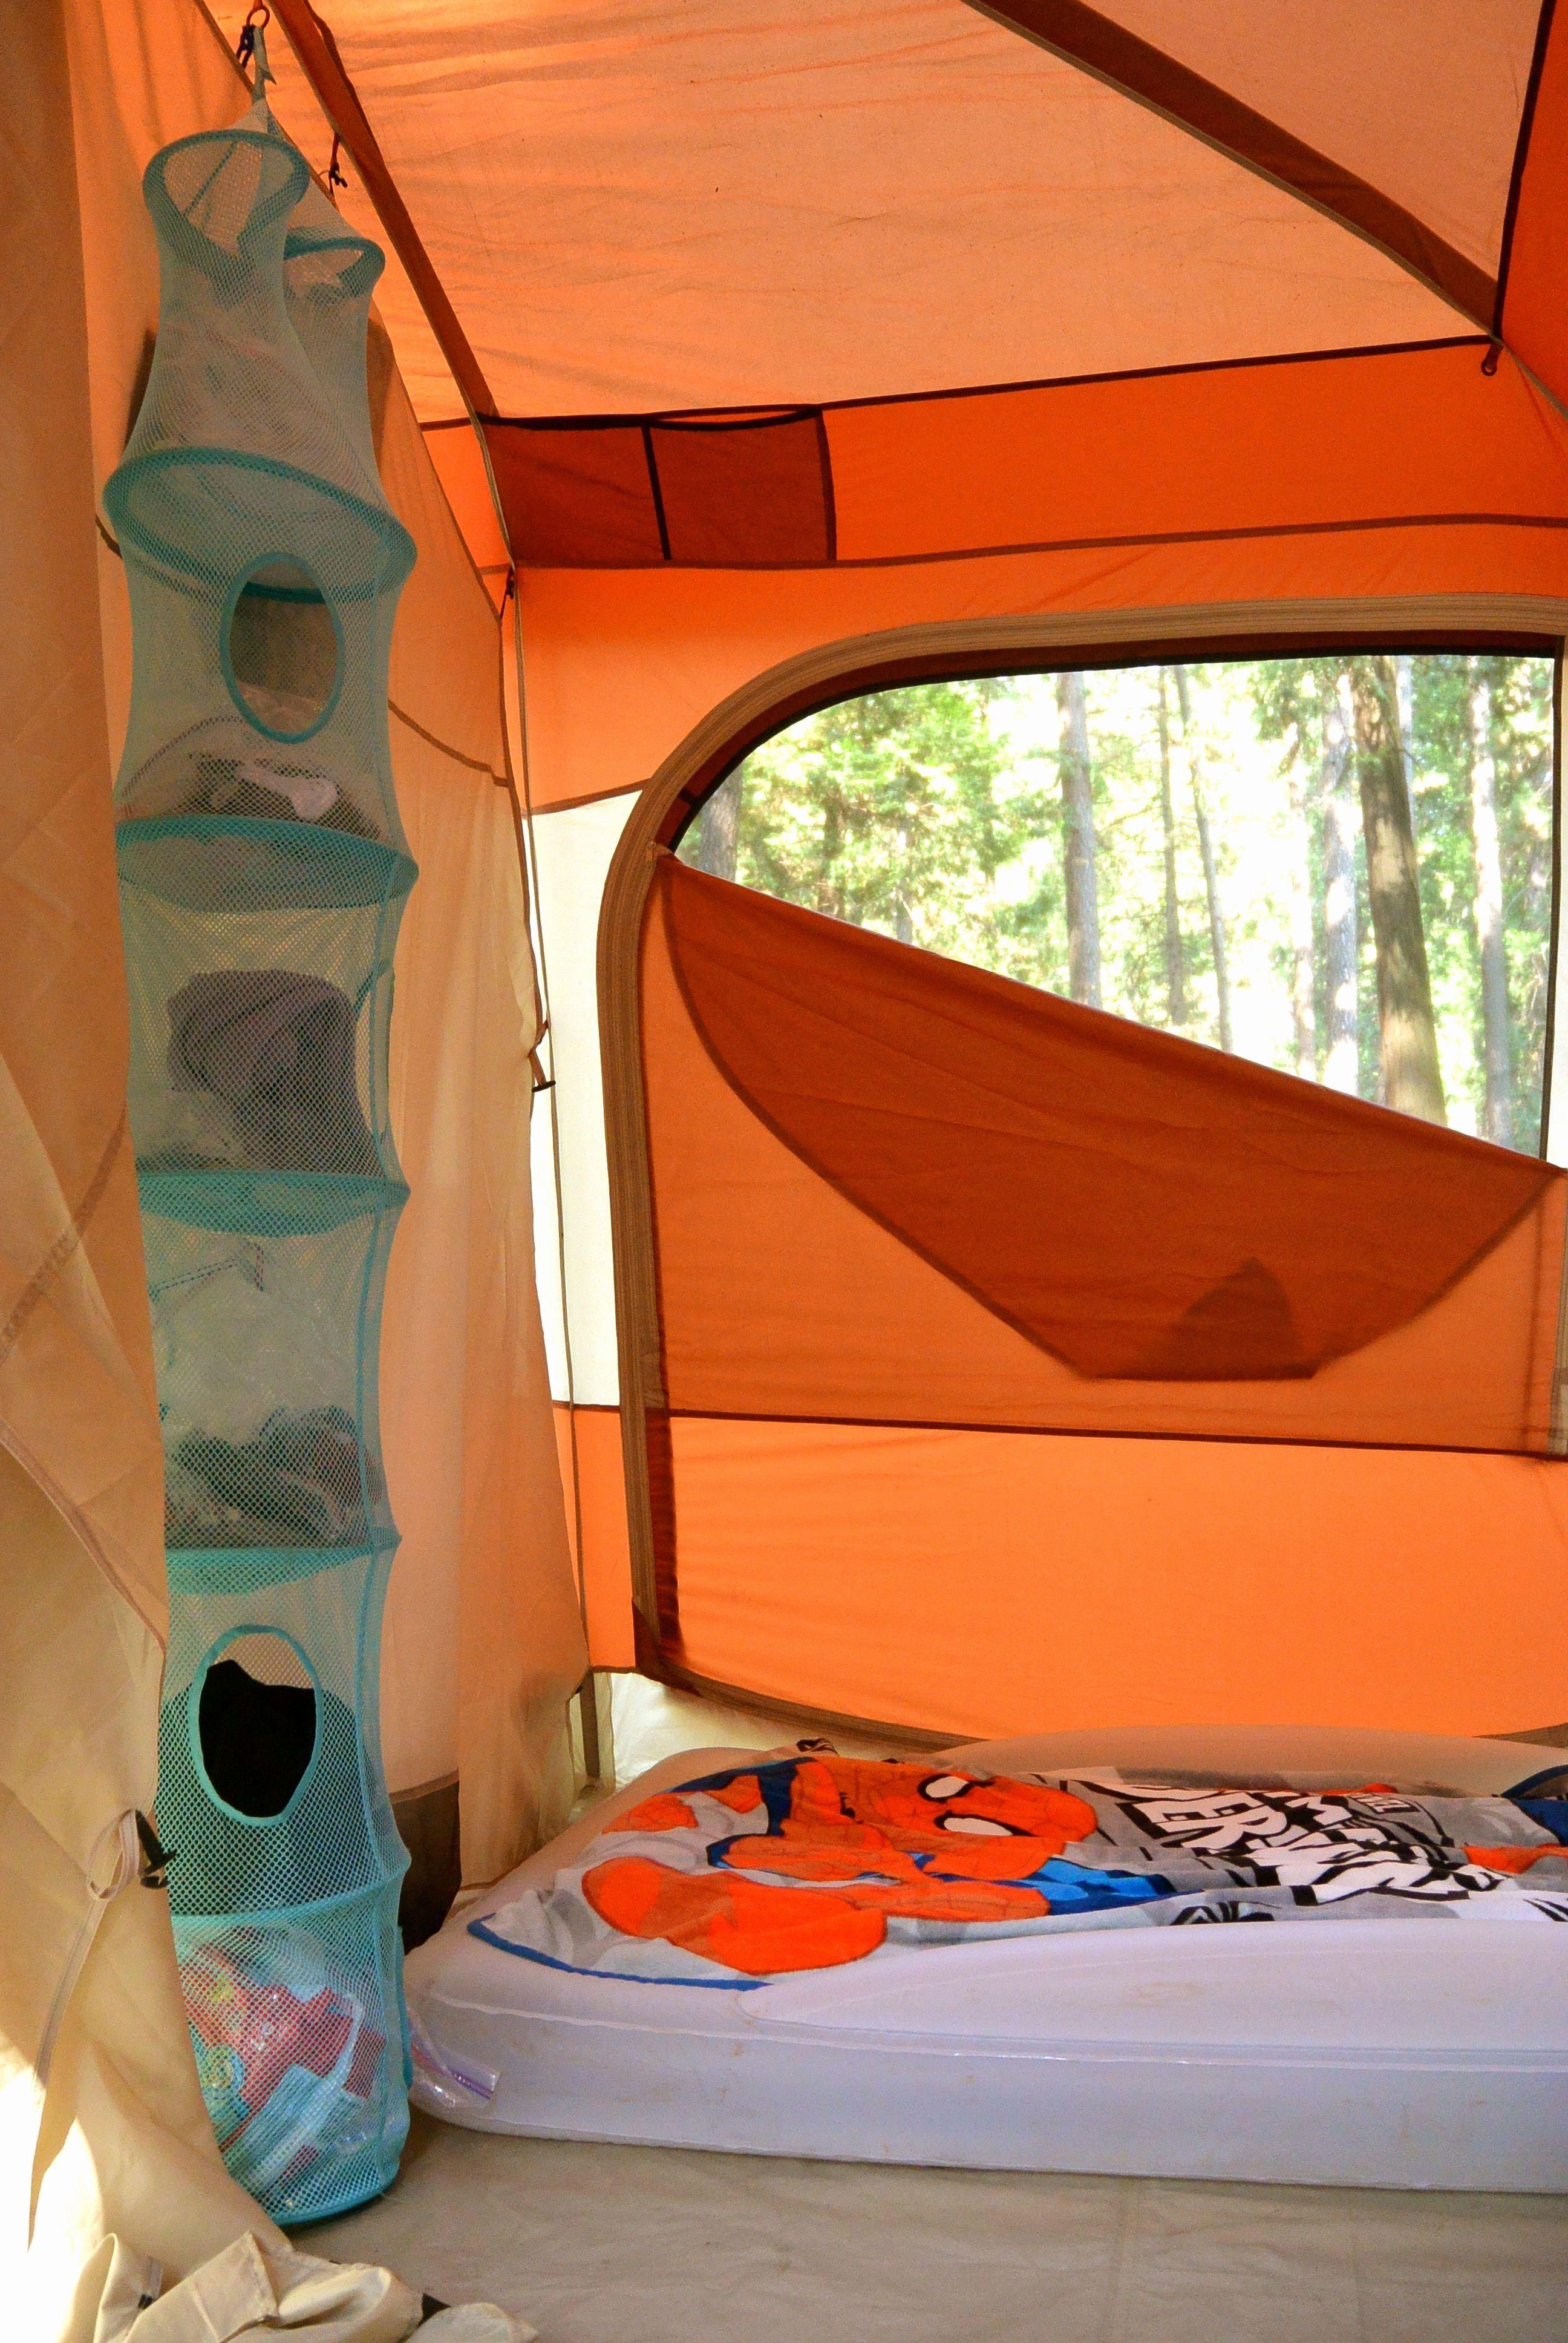 Shiade sofas 4pde Fantastico Muebles Shiade Beautiful Boconcept Carmo sofa and Imola